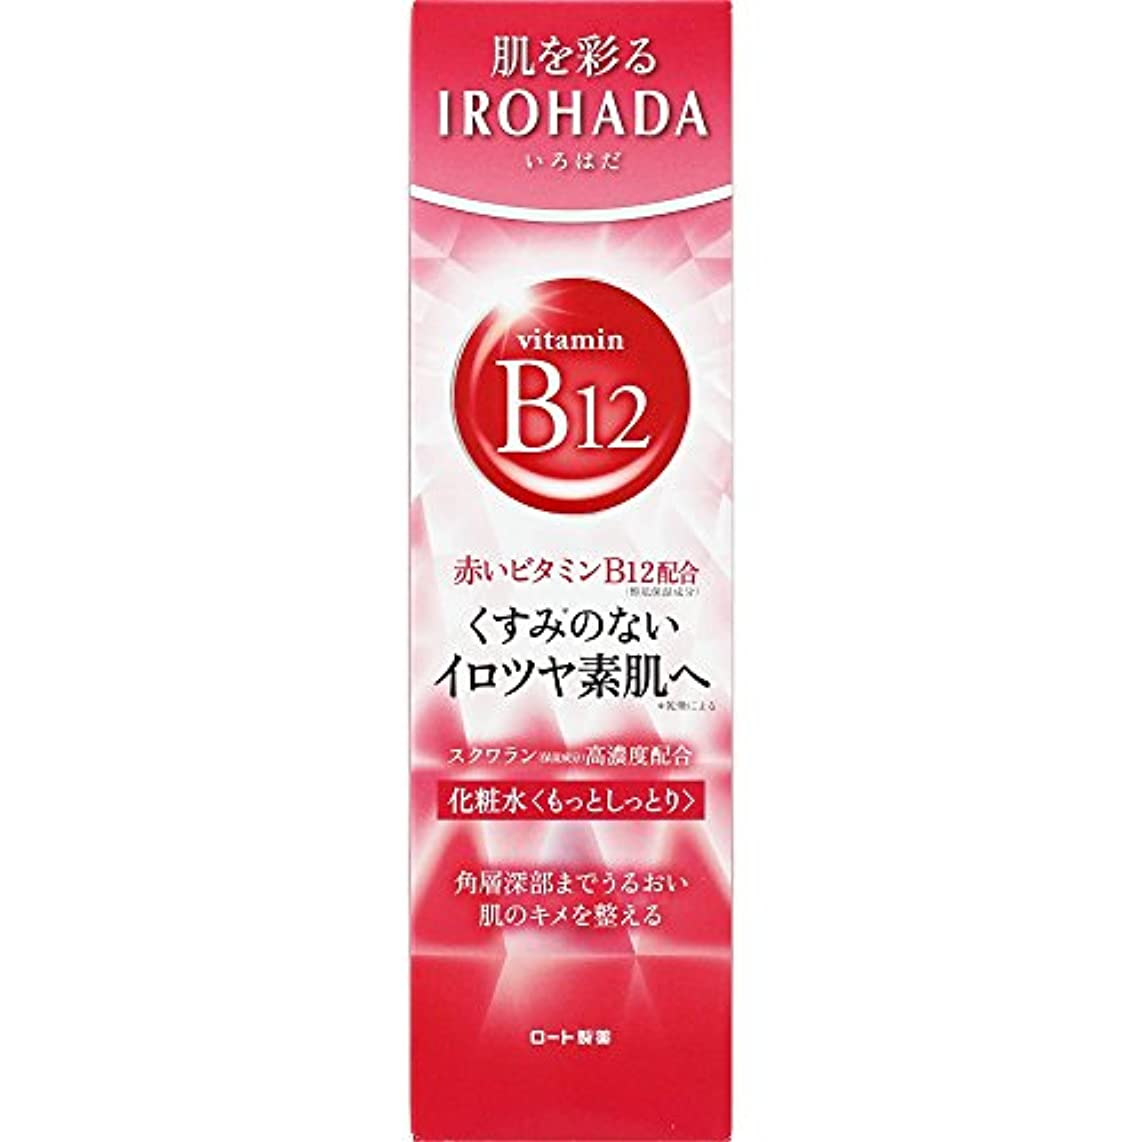 宴会地理外部ロート製薬 いろはだ (IROHADA) 赤いビタミンB12×スクワラン配合 化粧水もっとしっとり 160ml